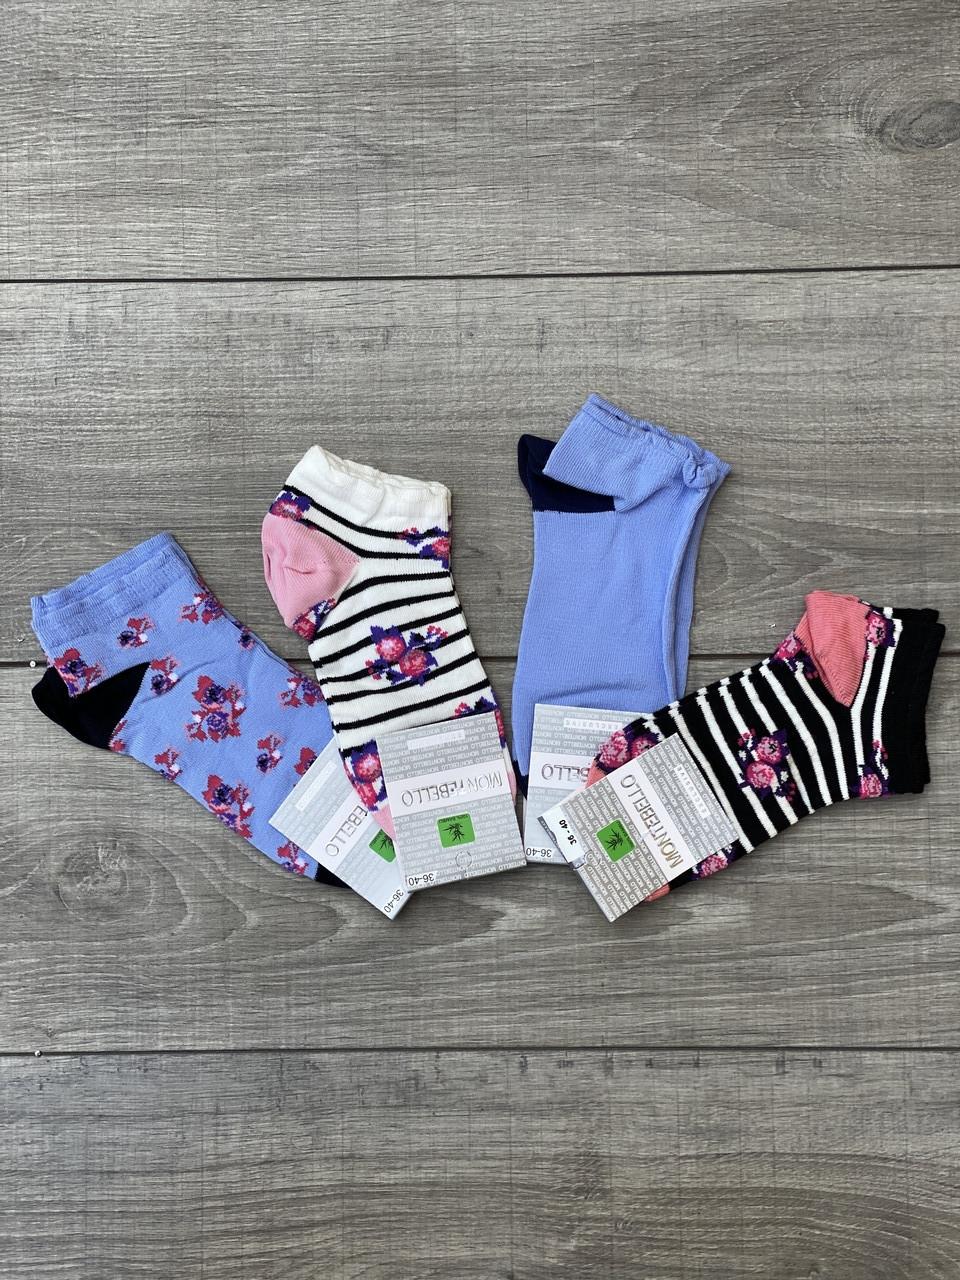 Жіночі шкарпетки патіки бавовна в смужку Montebello з квітками 35-40 12 шт в уп мікс 4 кольорів